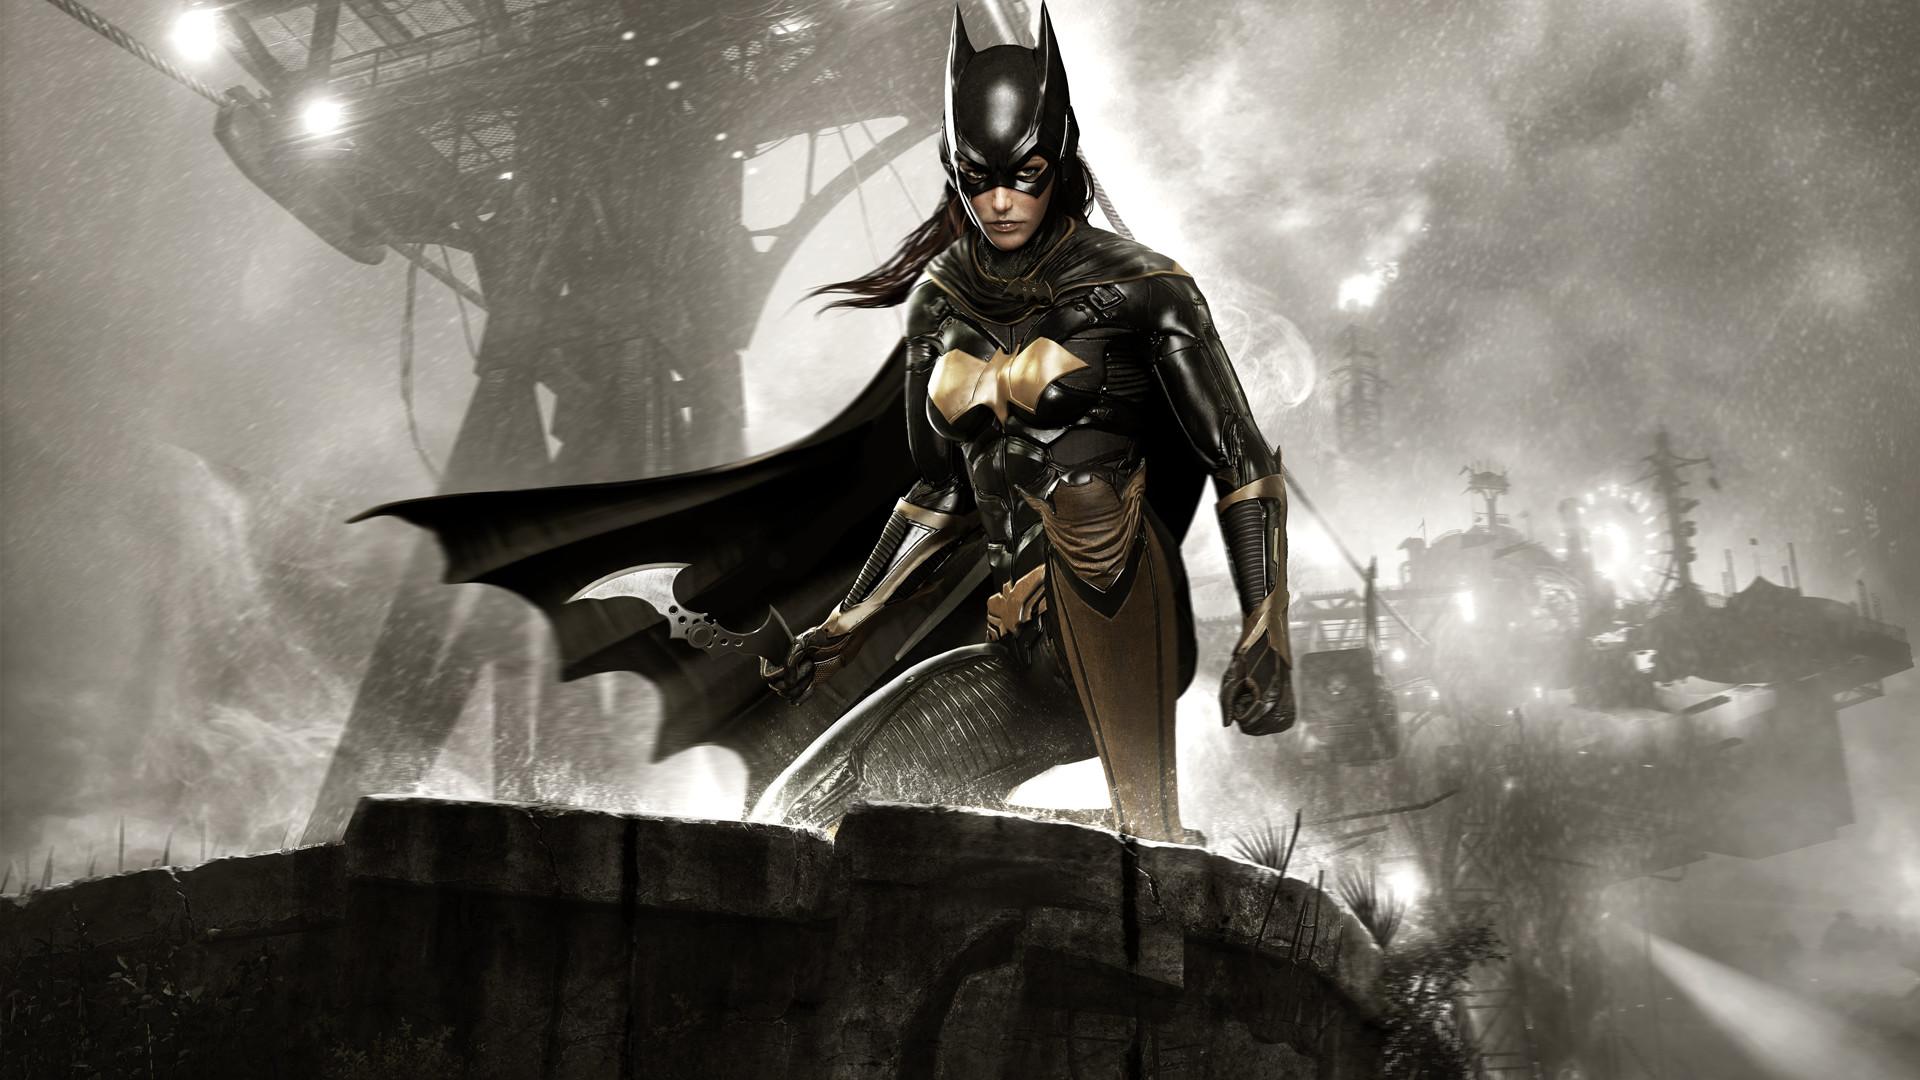 Раскрыто расписание DC FanDome: стало известно время анонса игры от WB Games Montreal